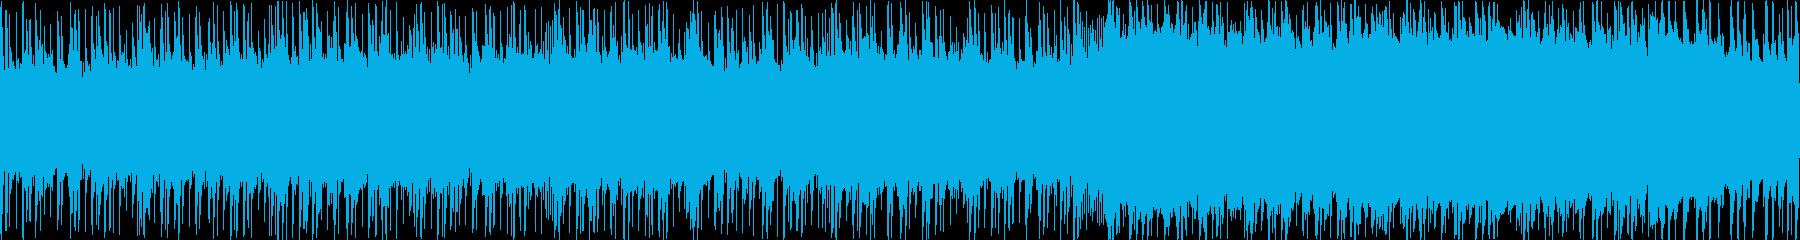 風を切るイメージのBGM(ループ)の再生済みの波形